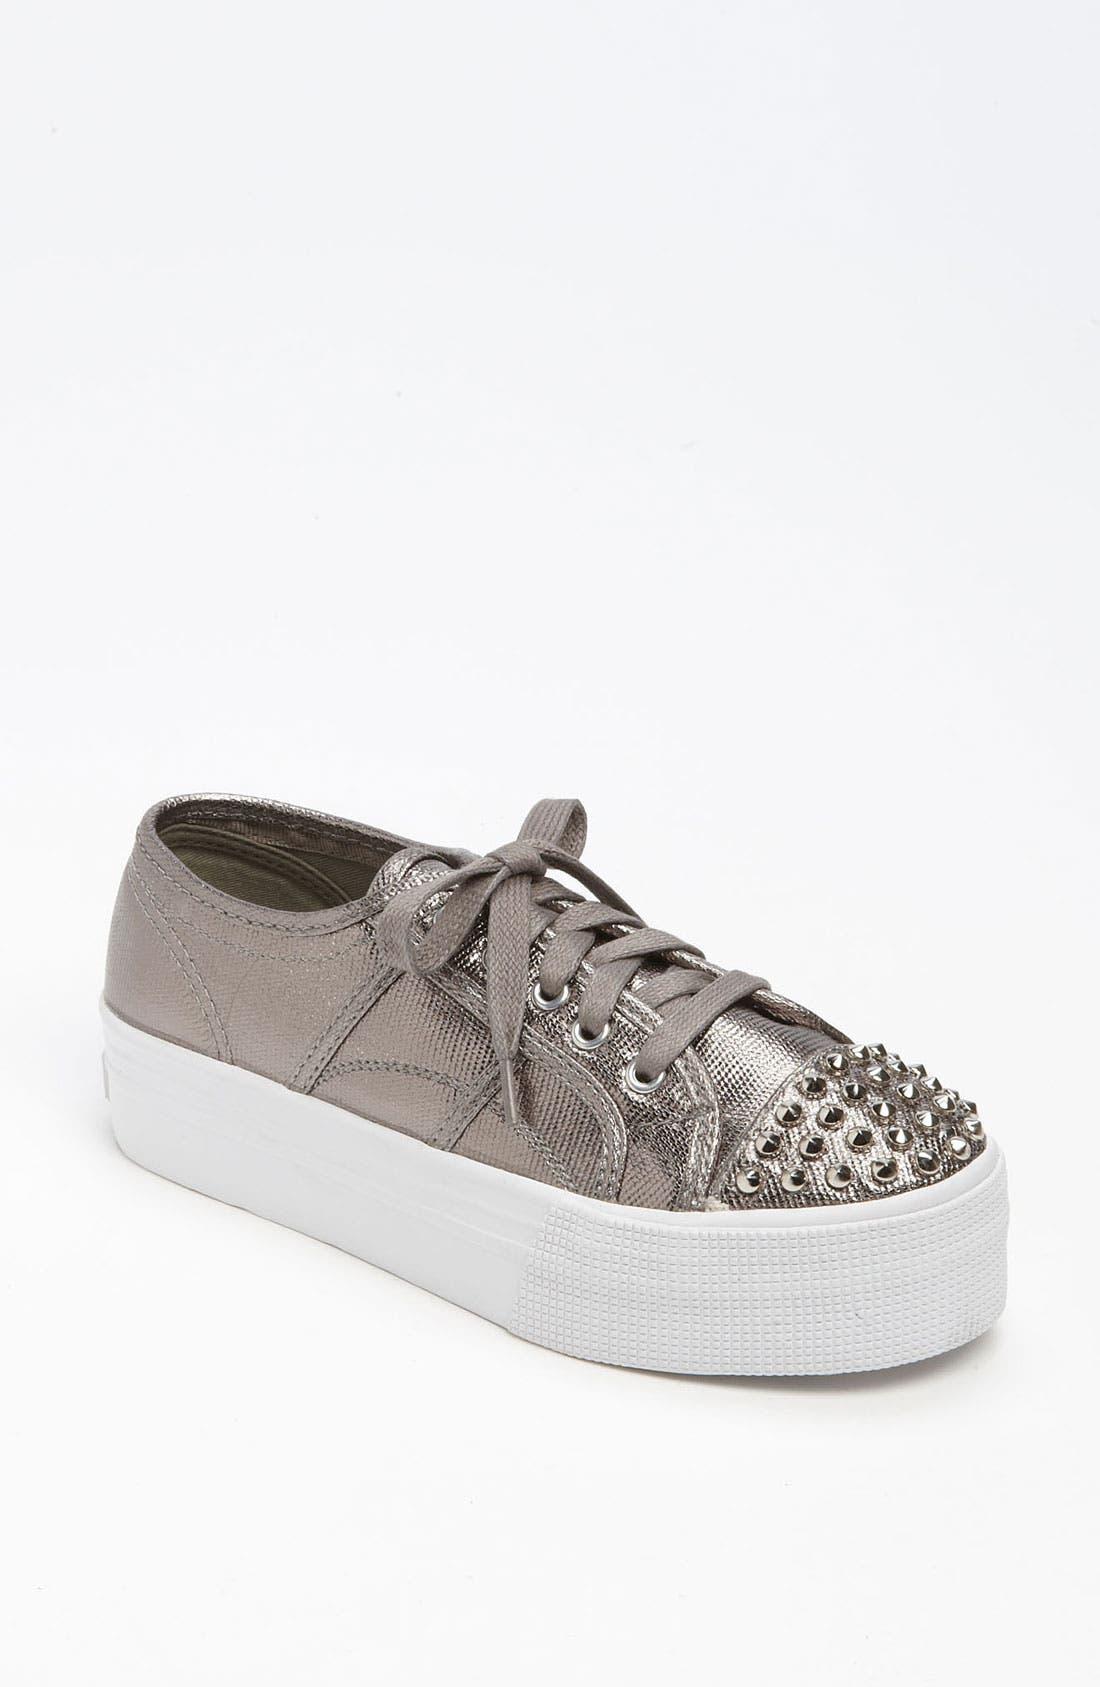 Alternate Image 1 Selected - Steve Madden 'Braady-S' Platform Sneaker